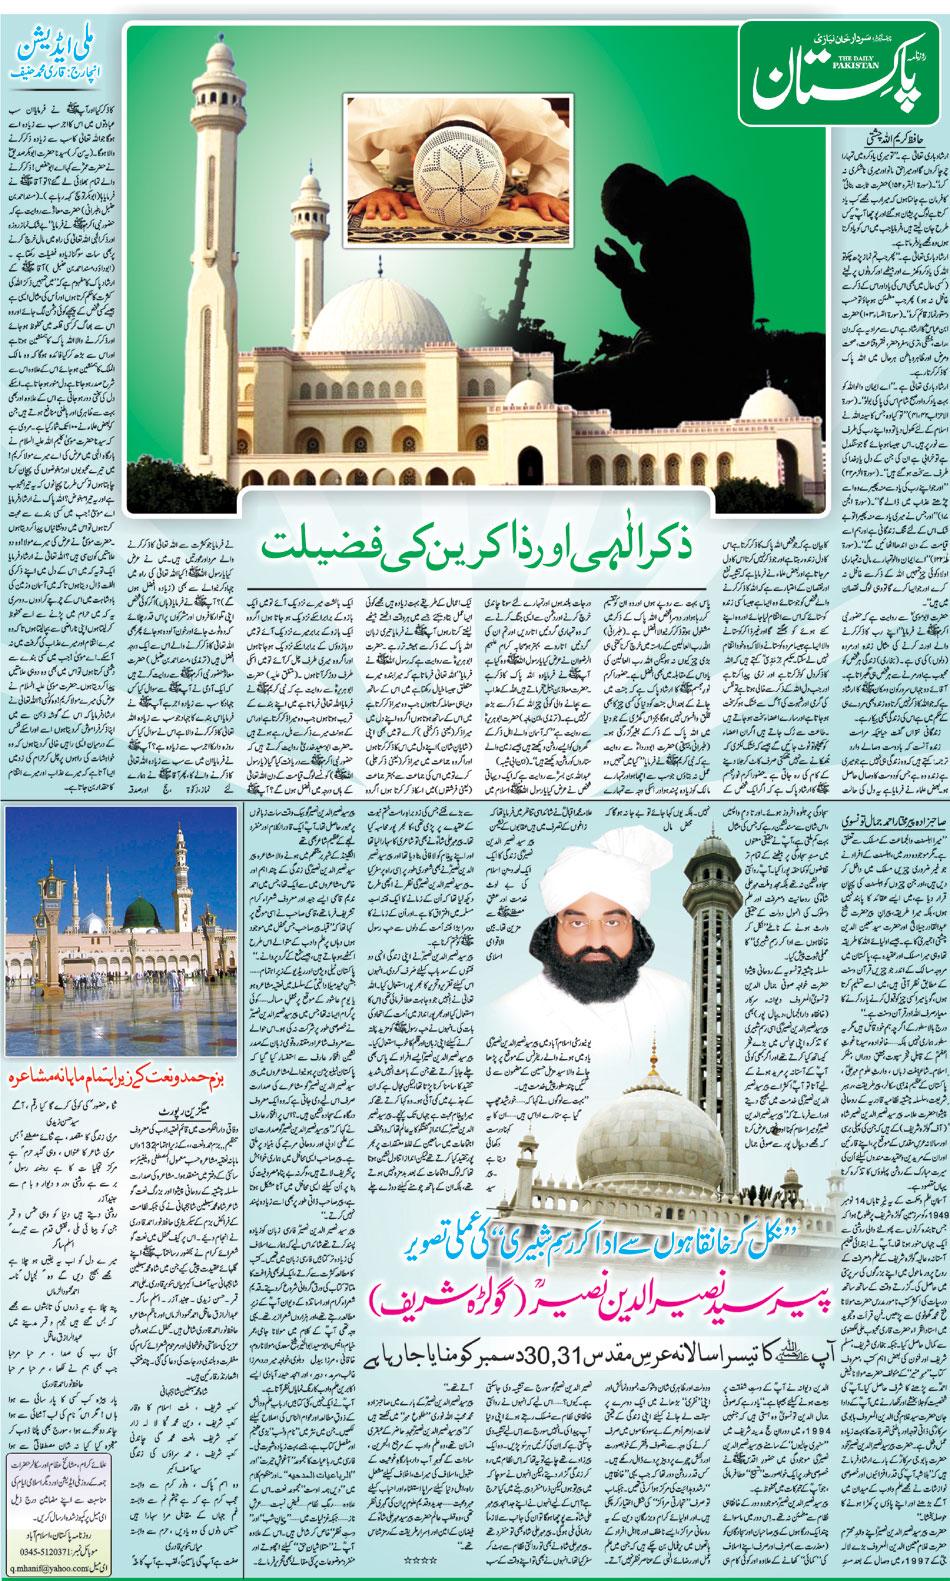 Harf-e-Jamal: Bazurgan-e-Din